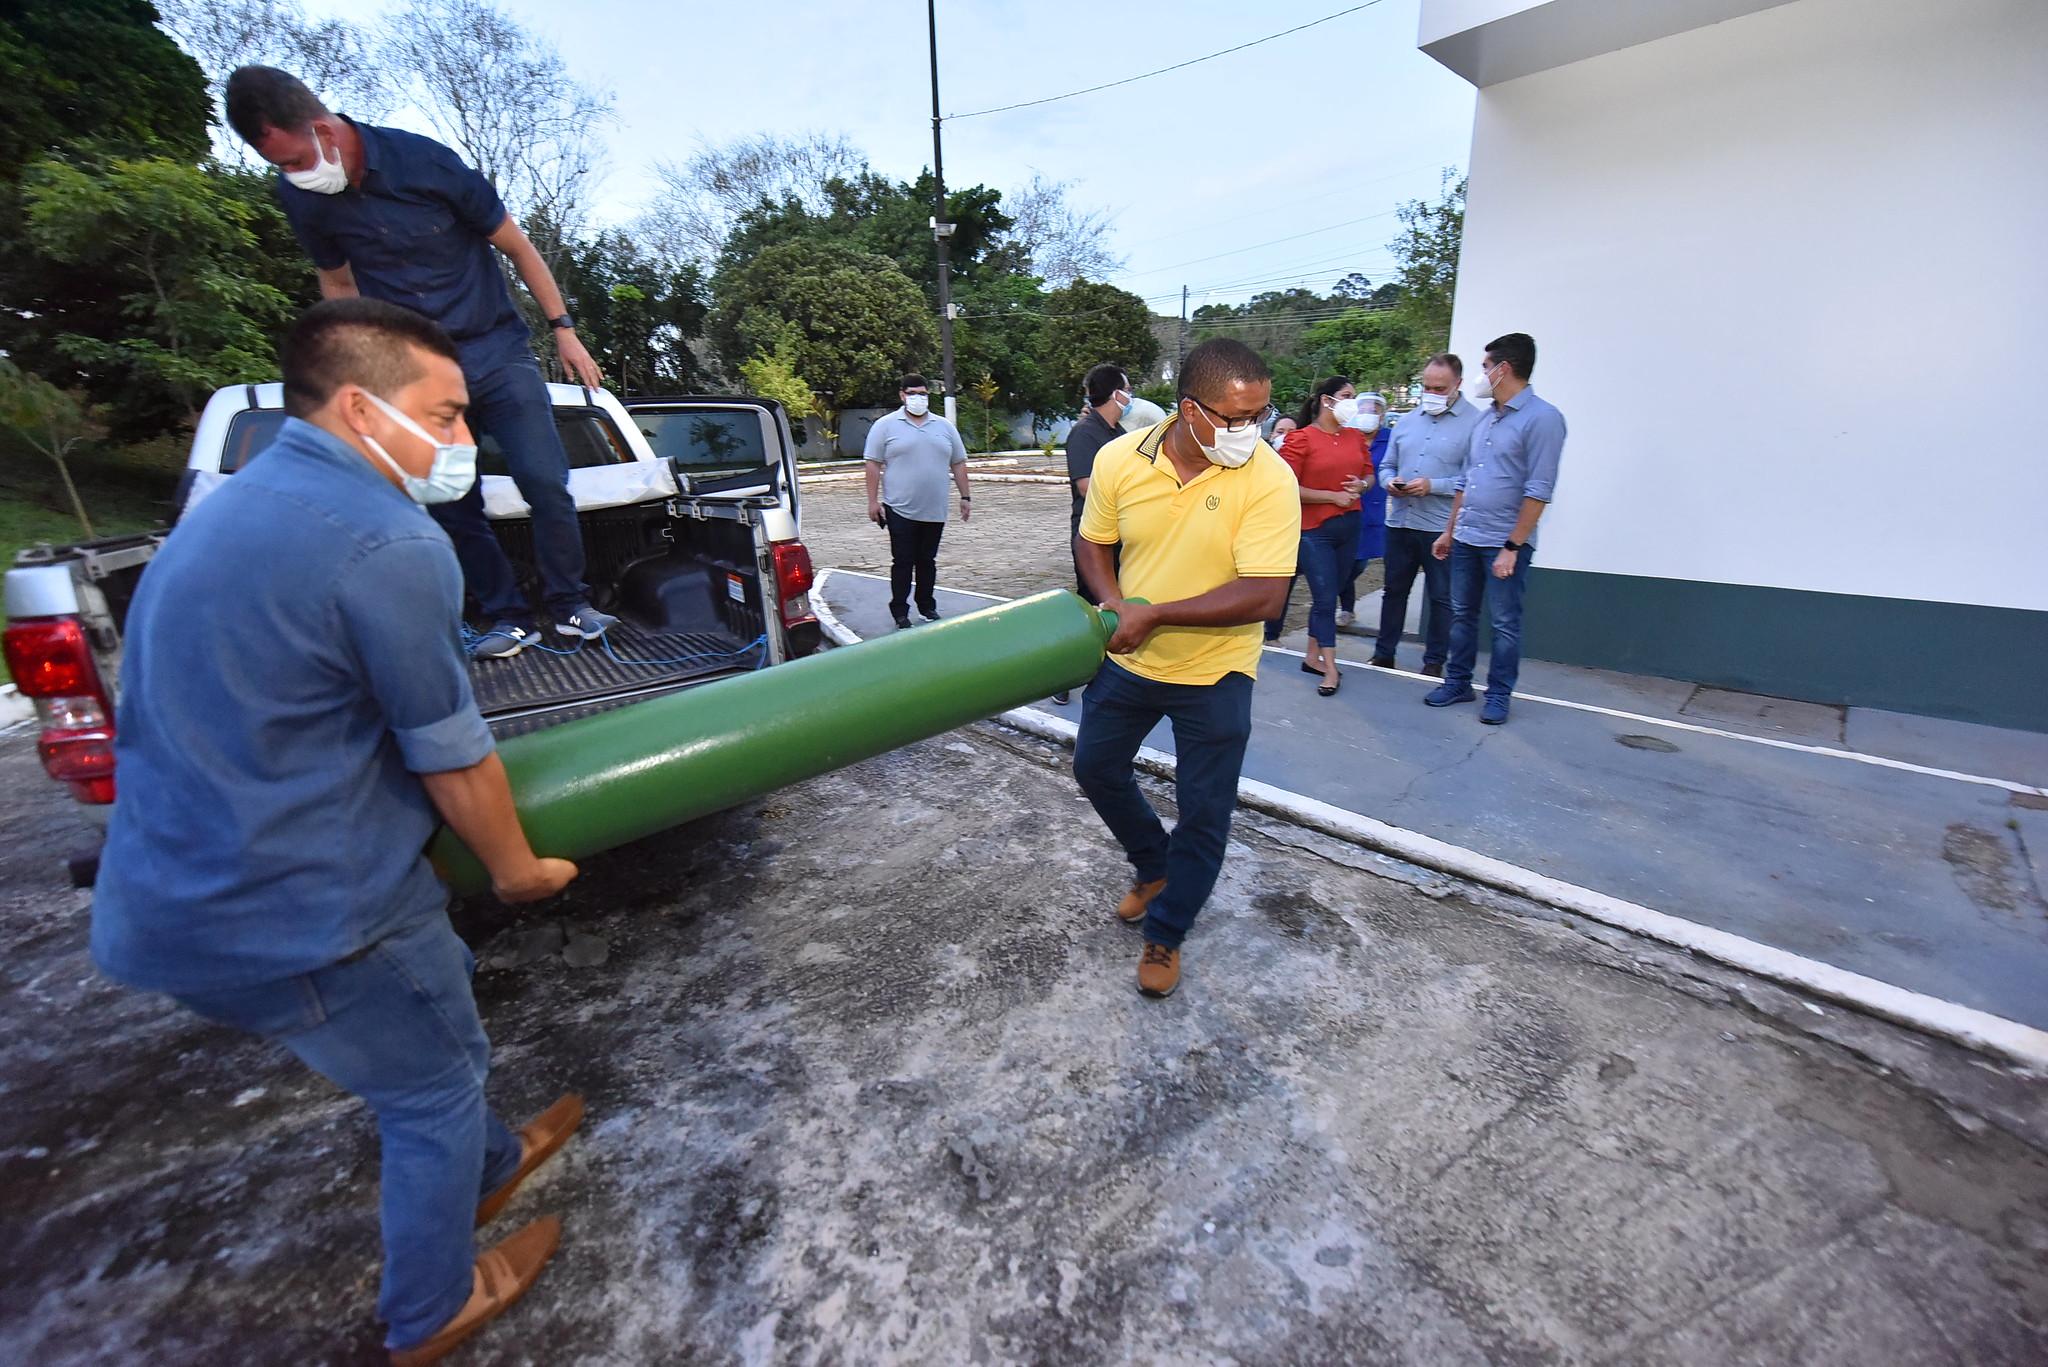 BR-319: Prefeito de Manaus aproveita crise de oxigênio para promover agenda anti-ambiental